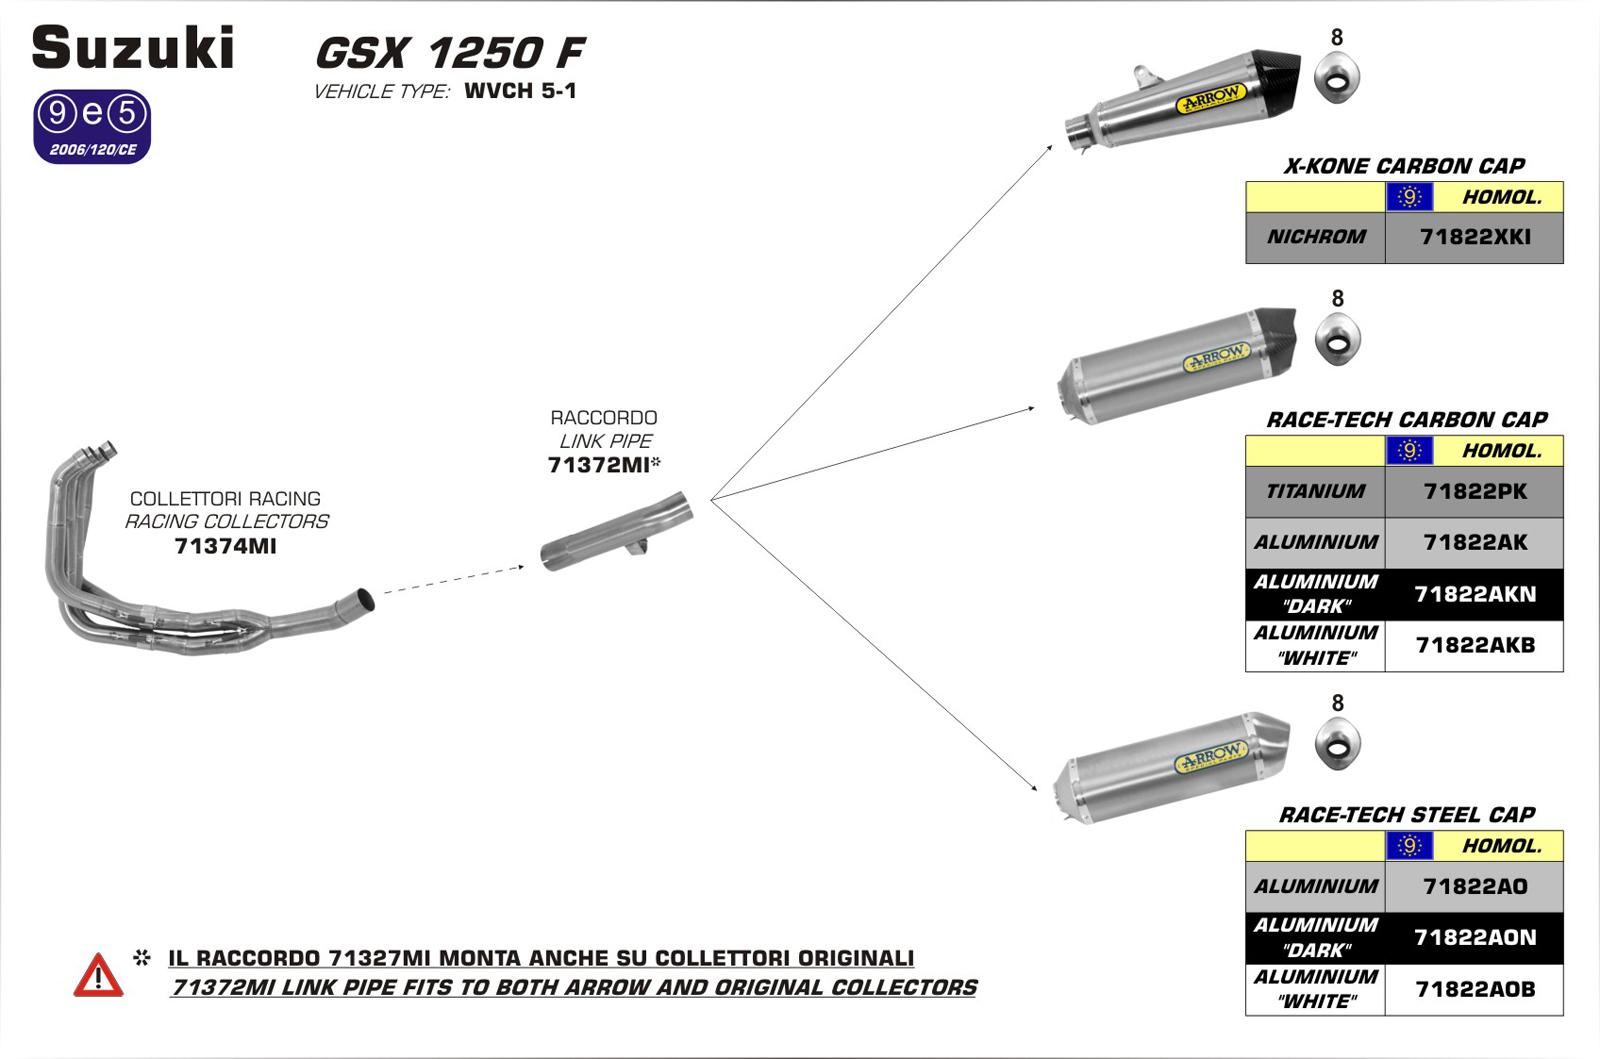 Em Lineamoto Arrow 71822xki Suzuki Bandit 1250 Wiring Diagram X Kone Silencer